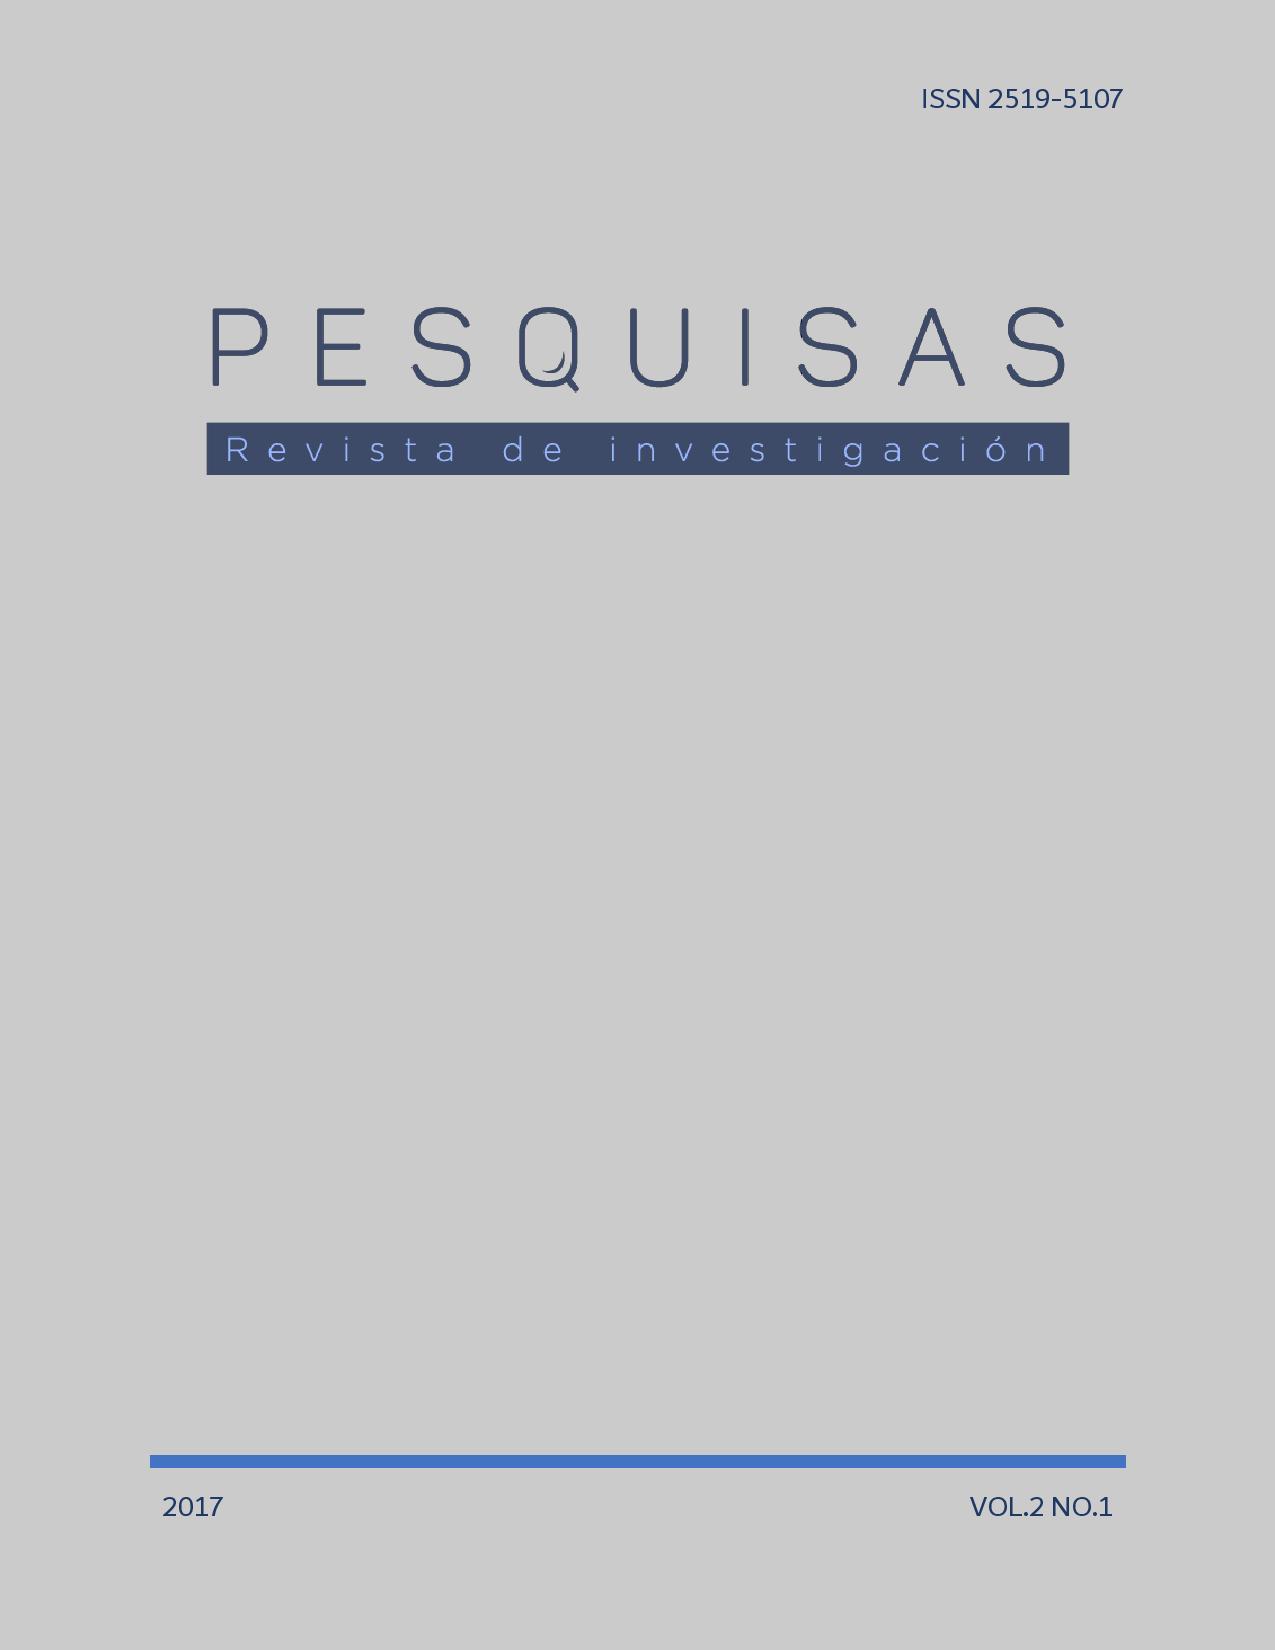 Pesquisas Vol. 2, No. 1 Año 2017